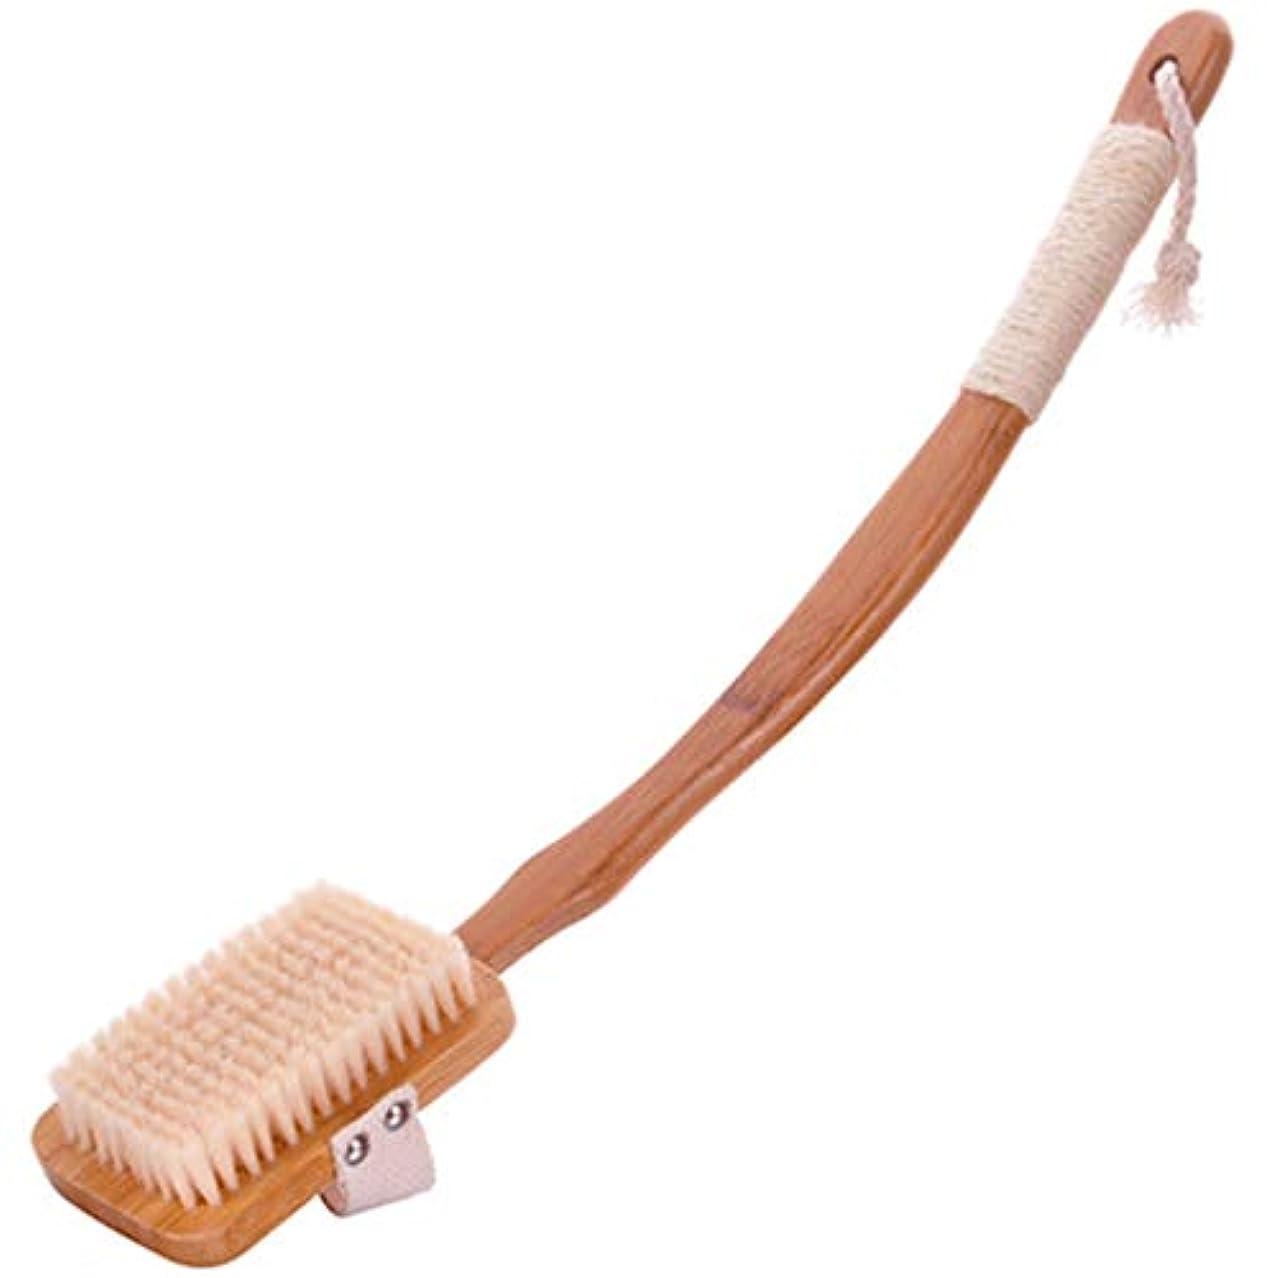 欠伸交通渋滞ペルーバスブラシバックブラシロングハンドルやわらかい毛髪バスブラシバスブラシ角質除去クリーニングブラシ (Color : Wood color)